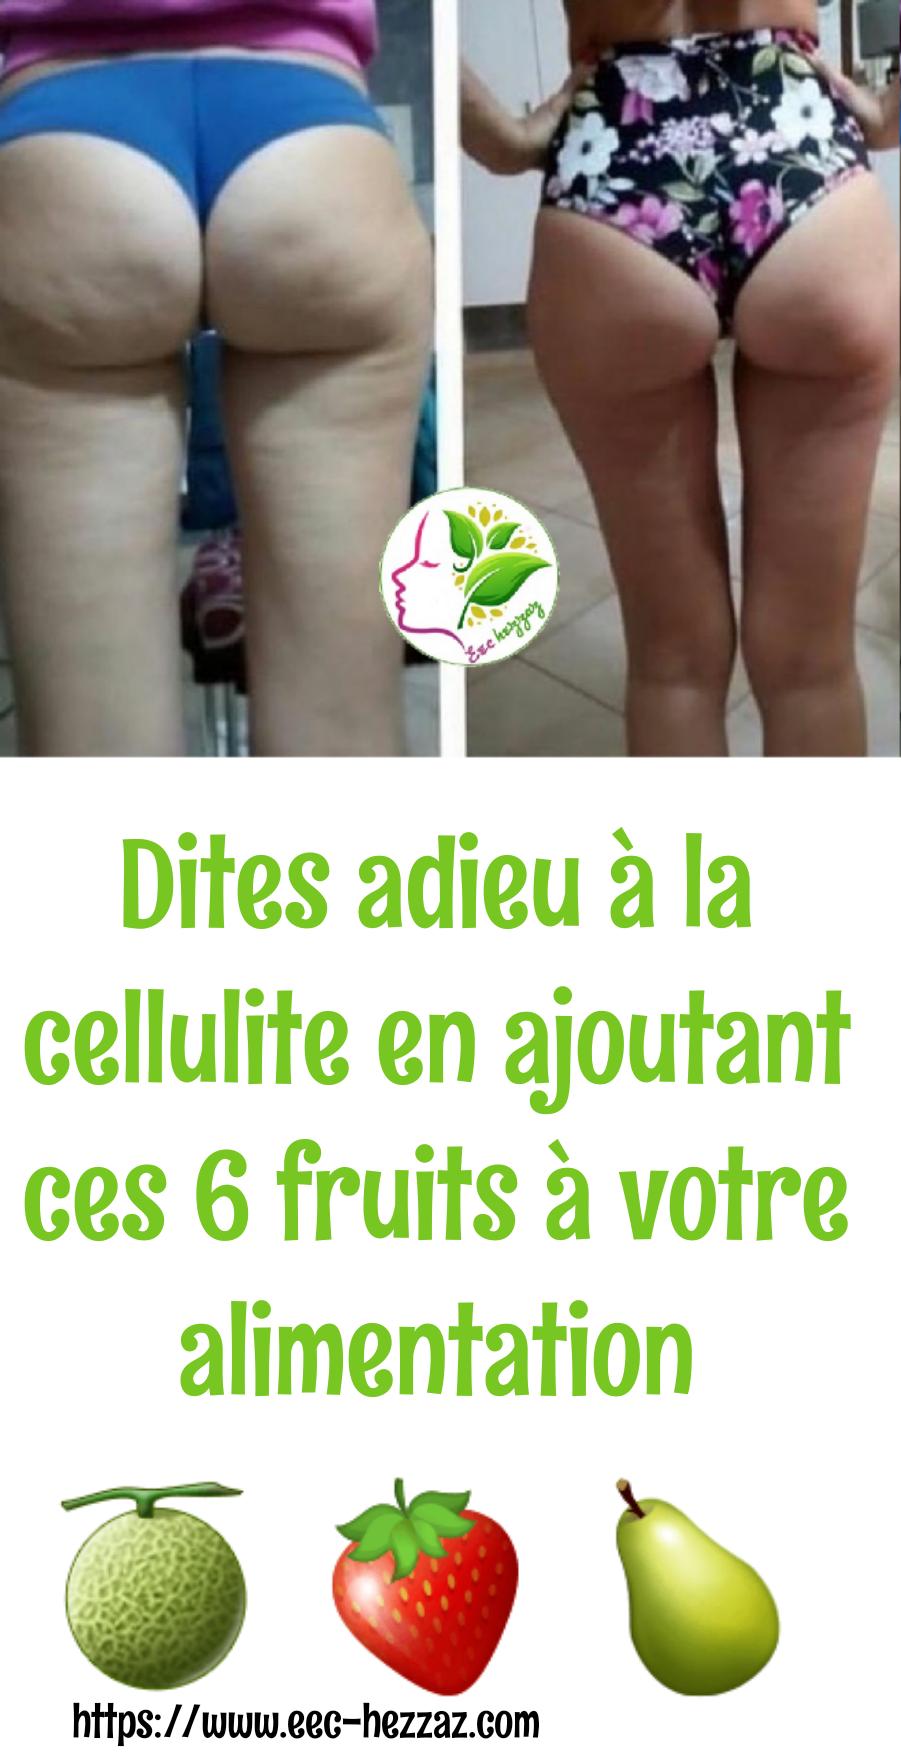 Dites adieu à la cellulite en ajoutant ces 6 fruits à votre alimentation